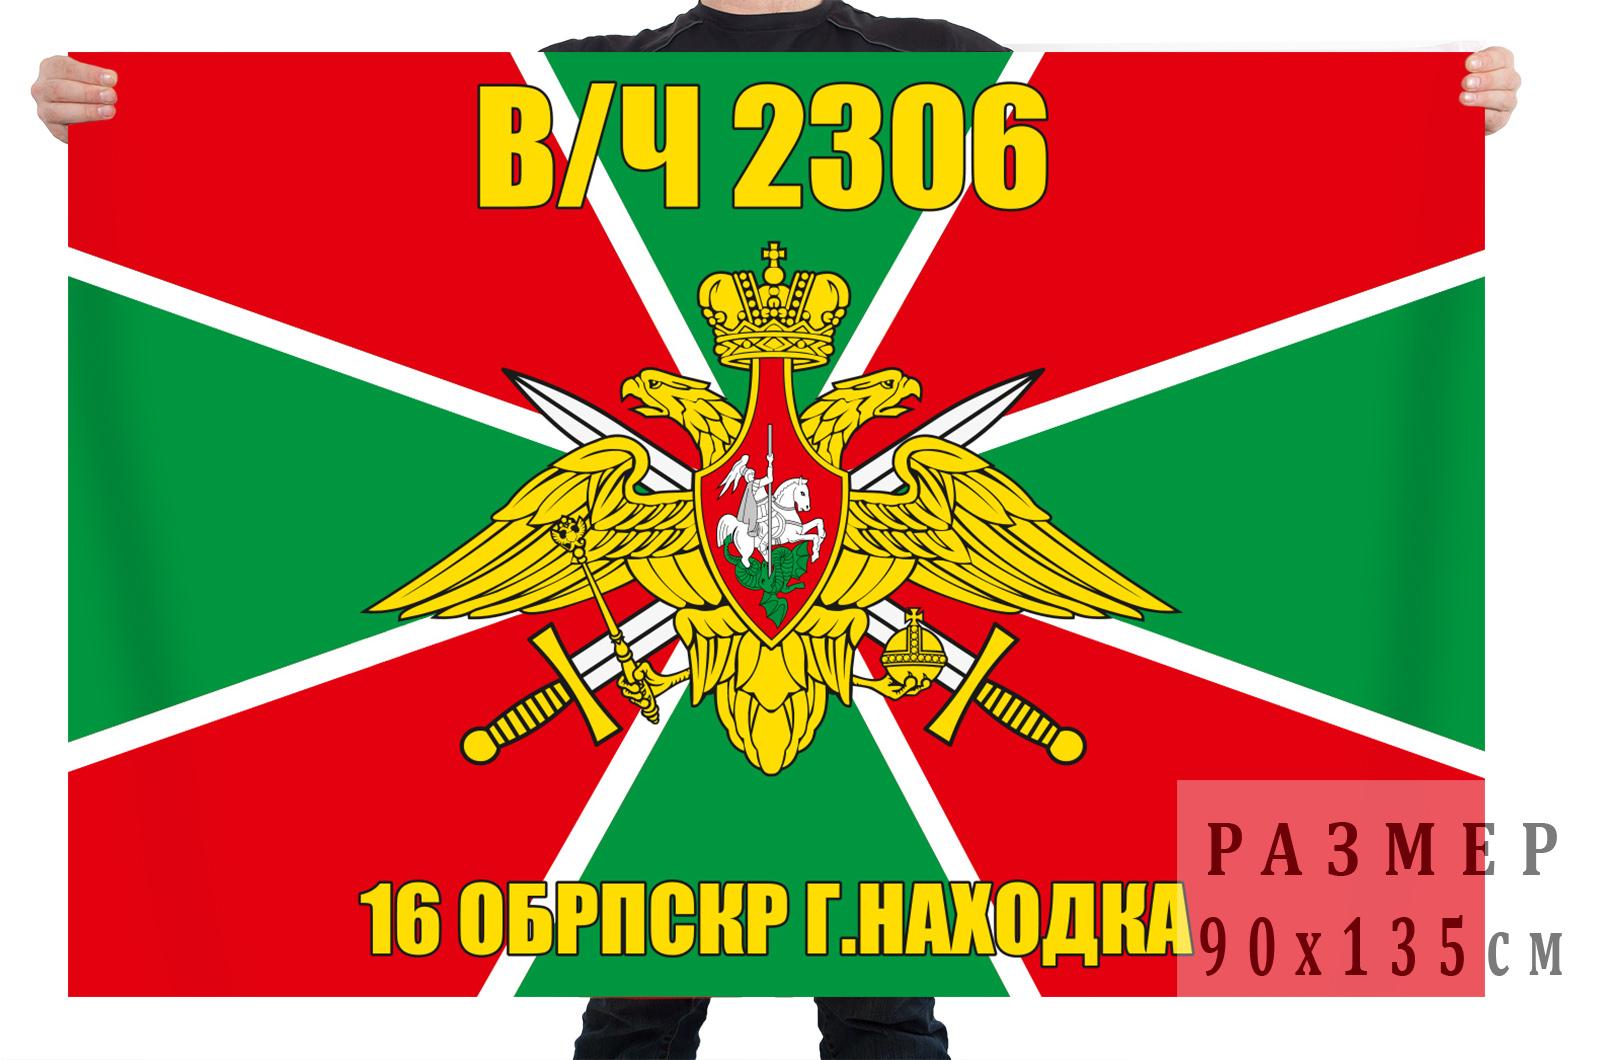 Купить двухсторонний флаг 16 ОБрПСКР Находка, в/ч 2306